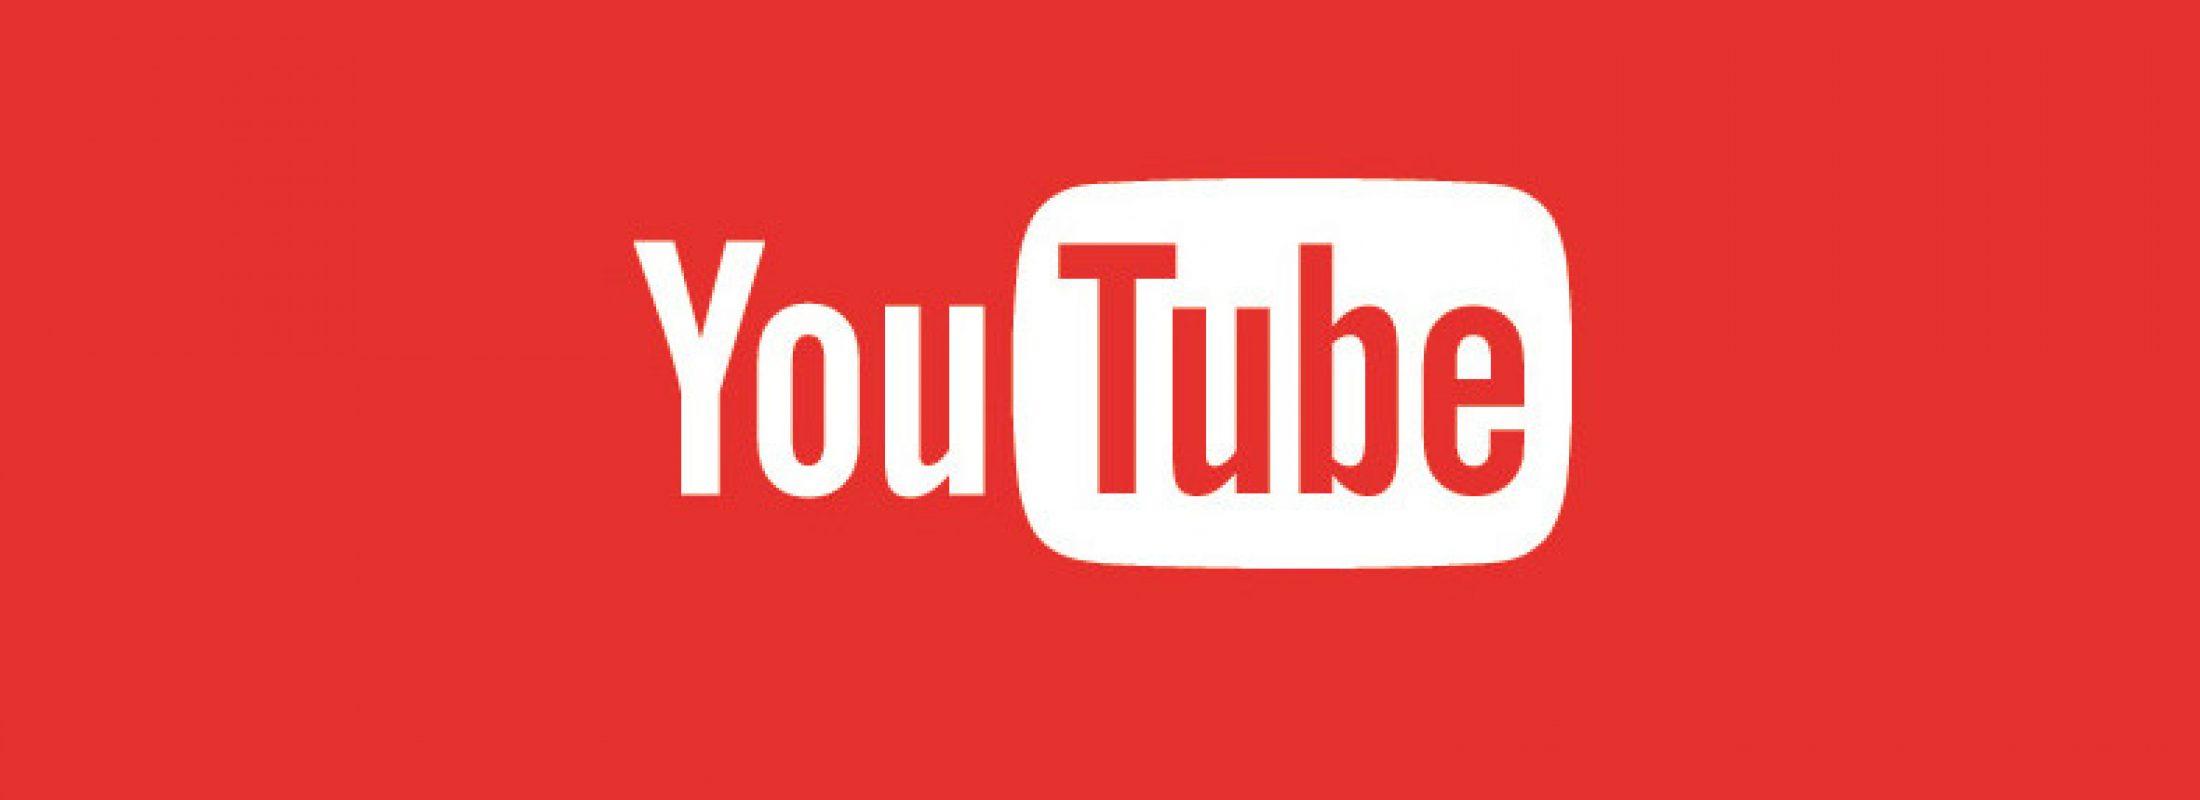 YouTube, Ek Açıklamaları Kaldırıyor